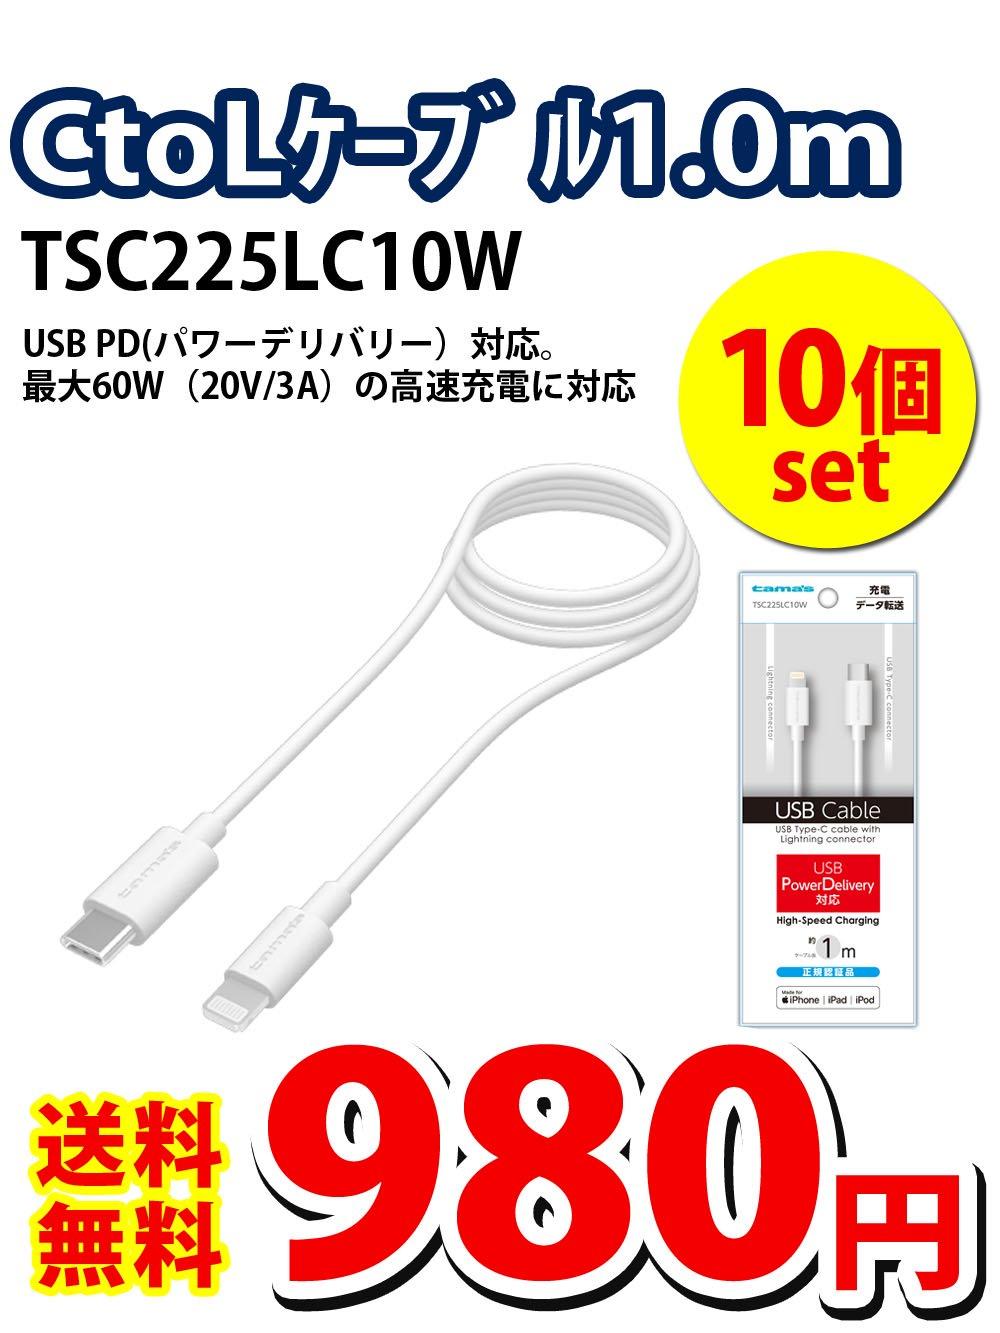 【送料無料】CtoLケーブル1.0m TSC225LC10W【10個セット】980円